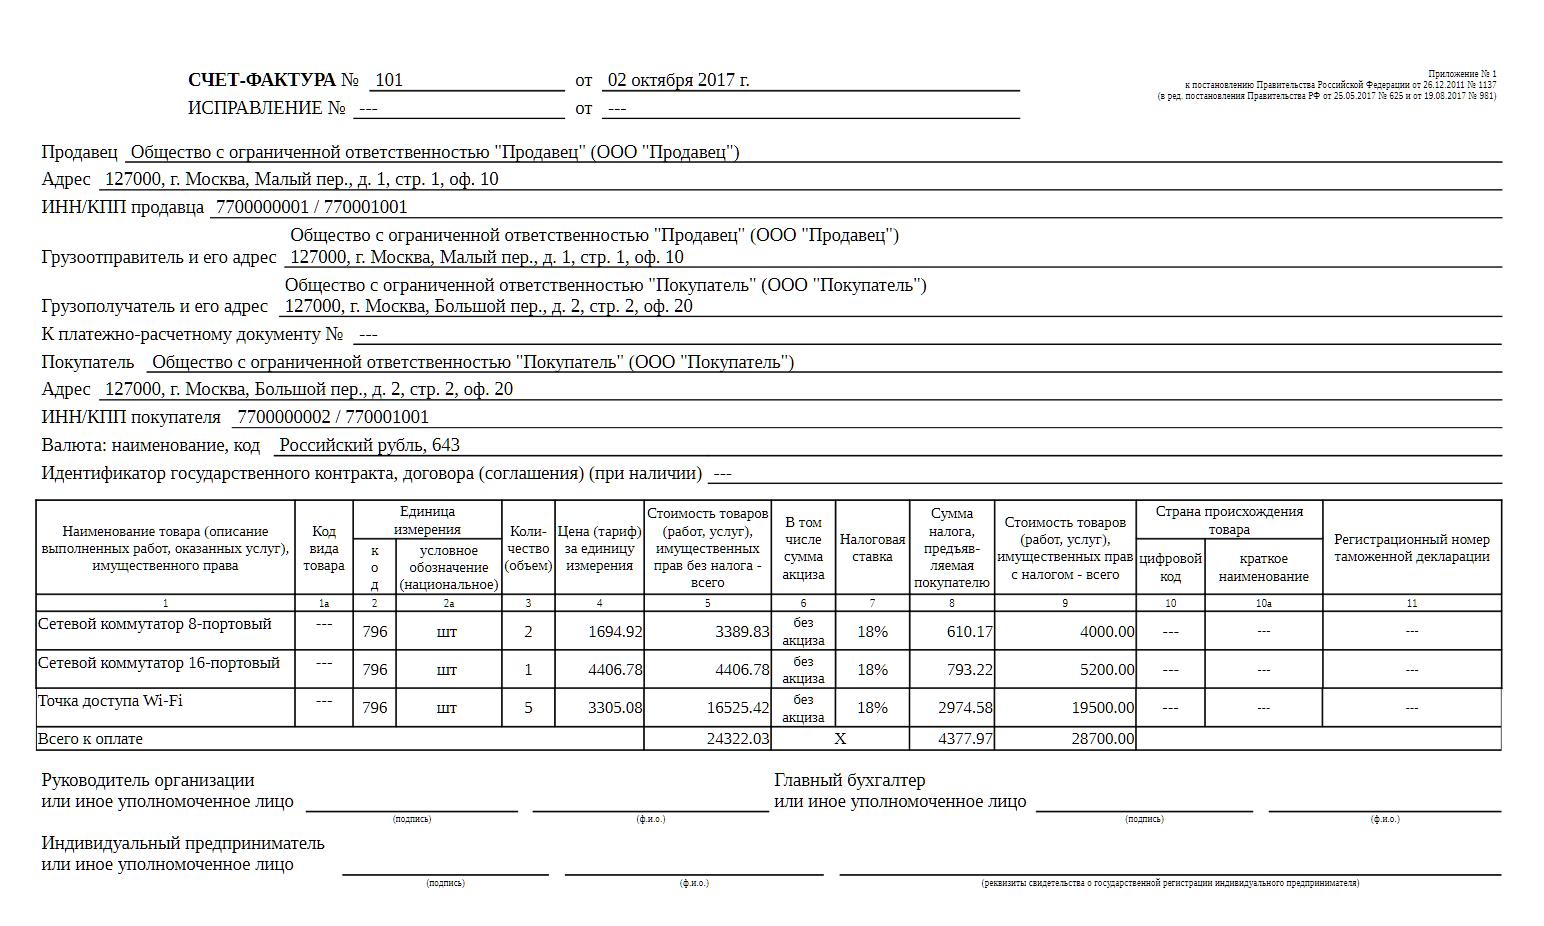 Образец заполнения Счета-фактуры (альбомный формат)